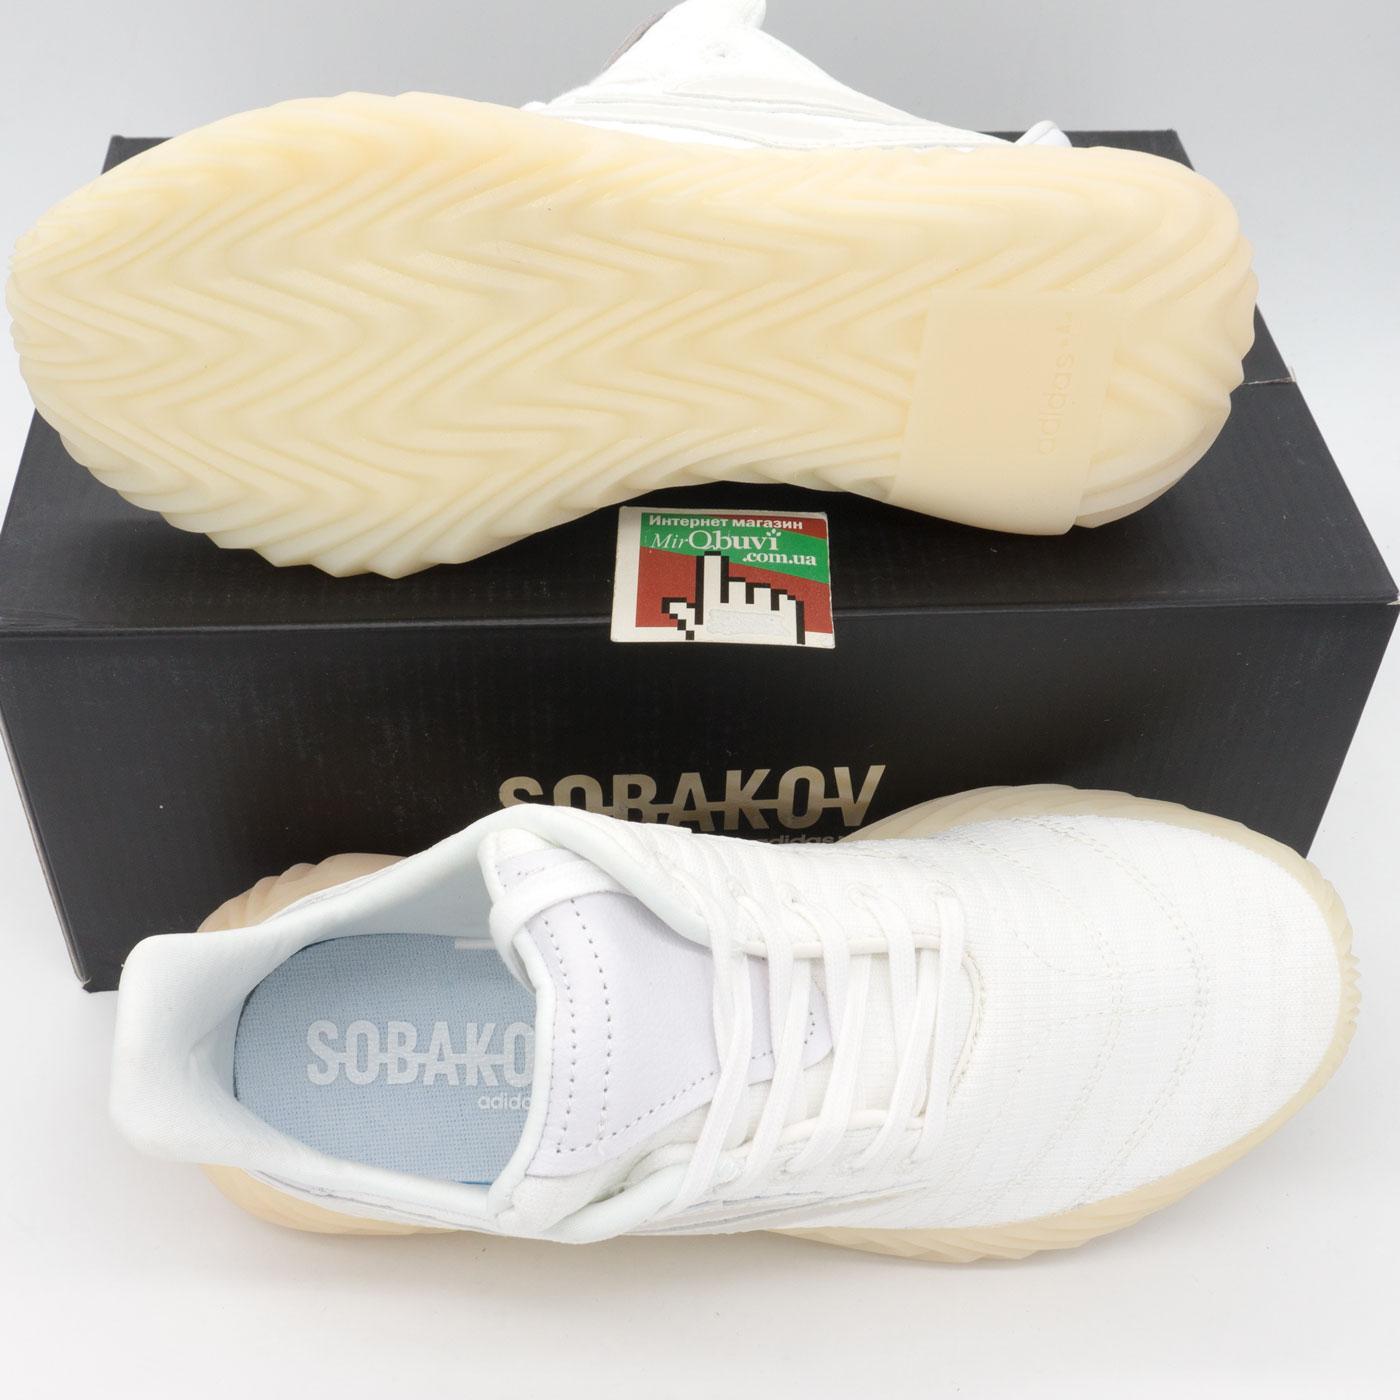 фото back Кроссовки Adidas Sobakov белые с желтой подошвой, рефлективные. Топ качество! back